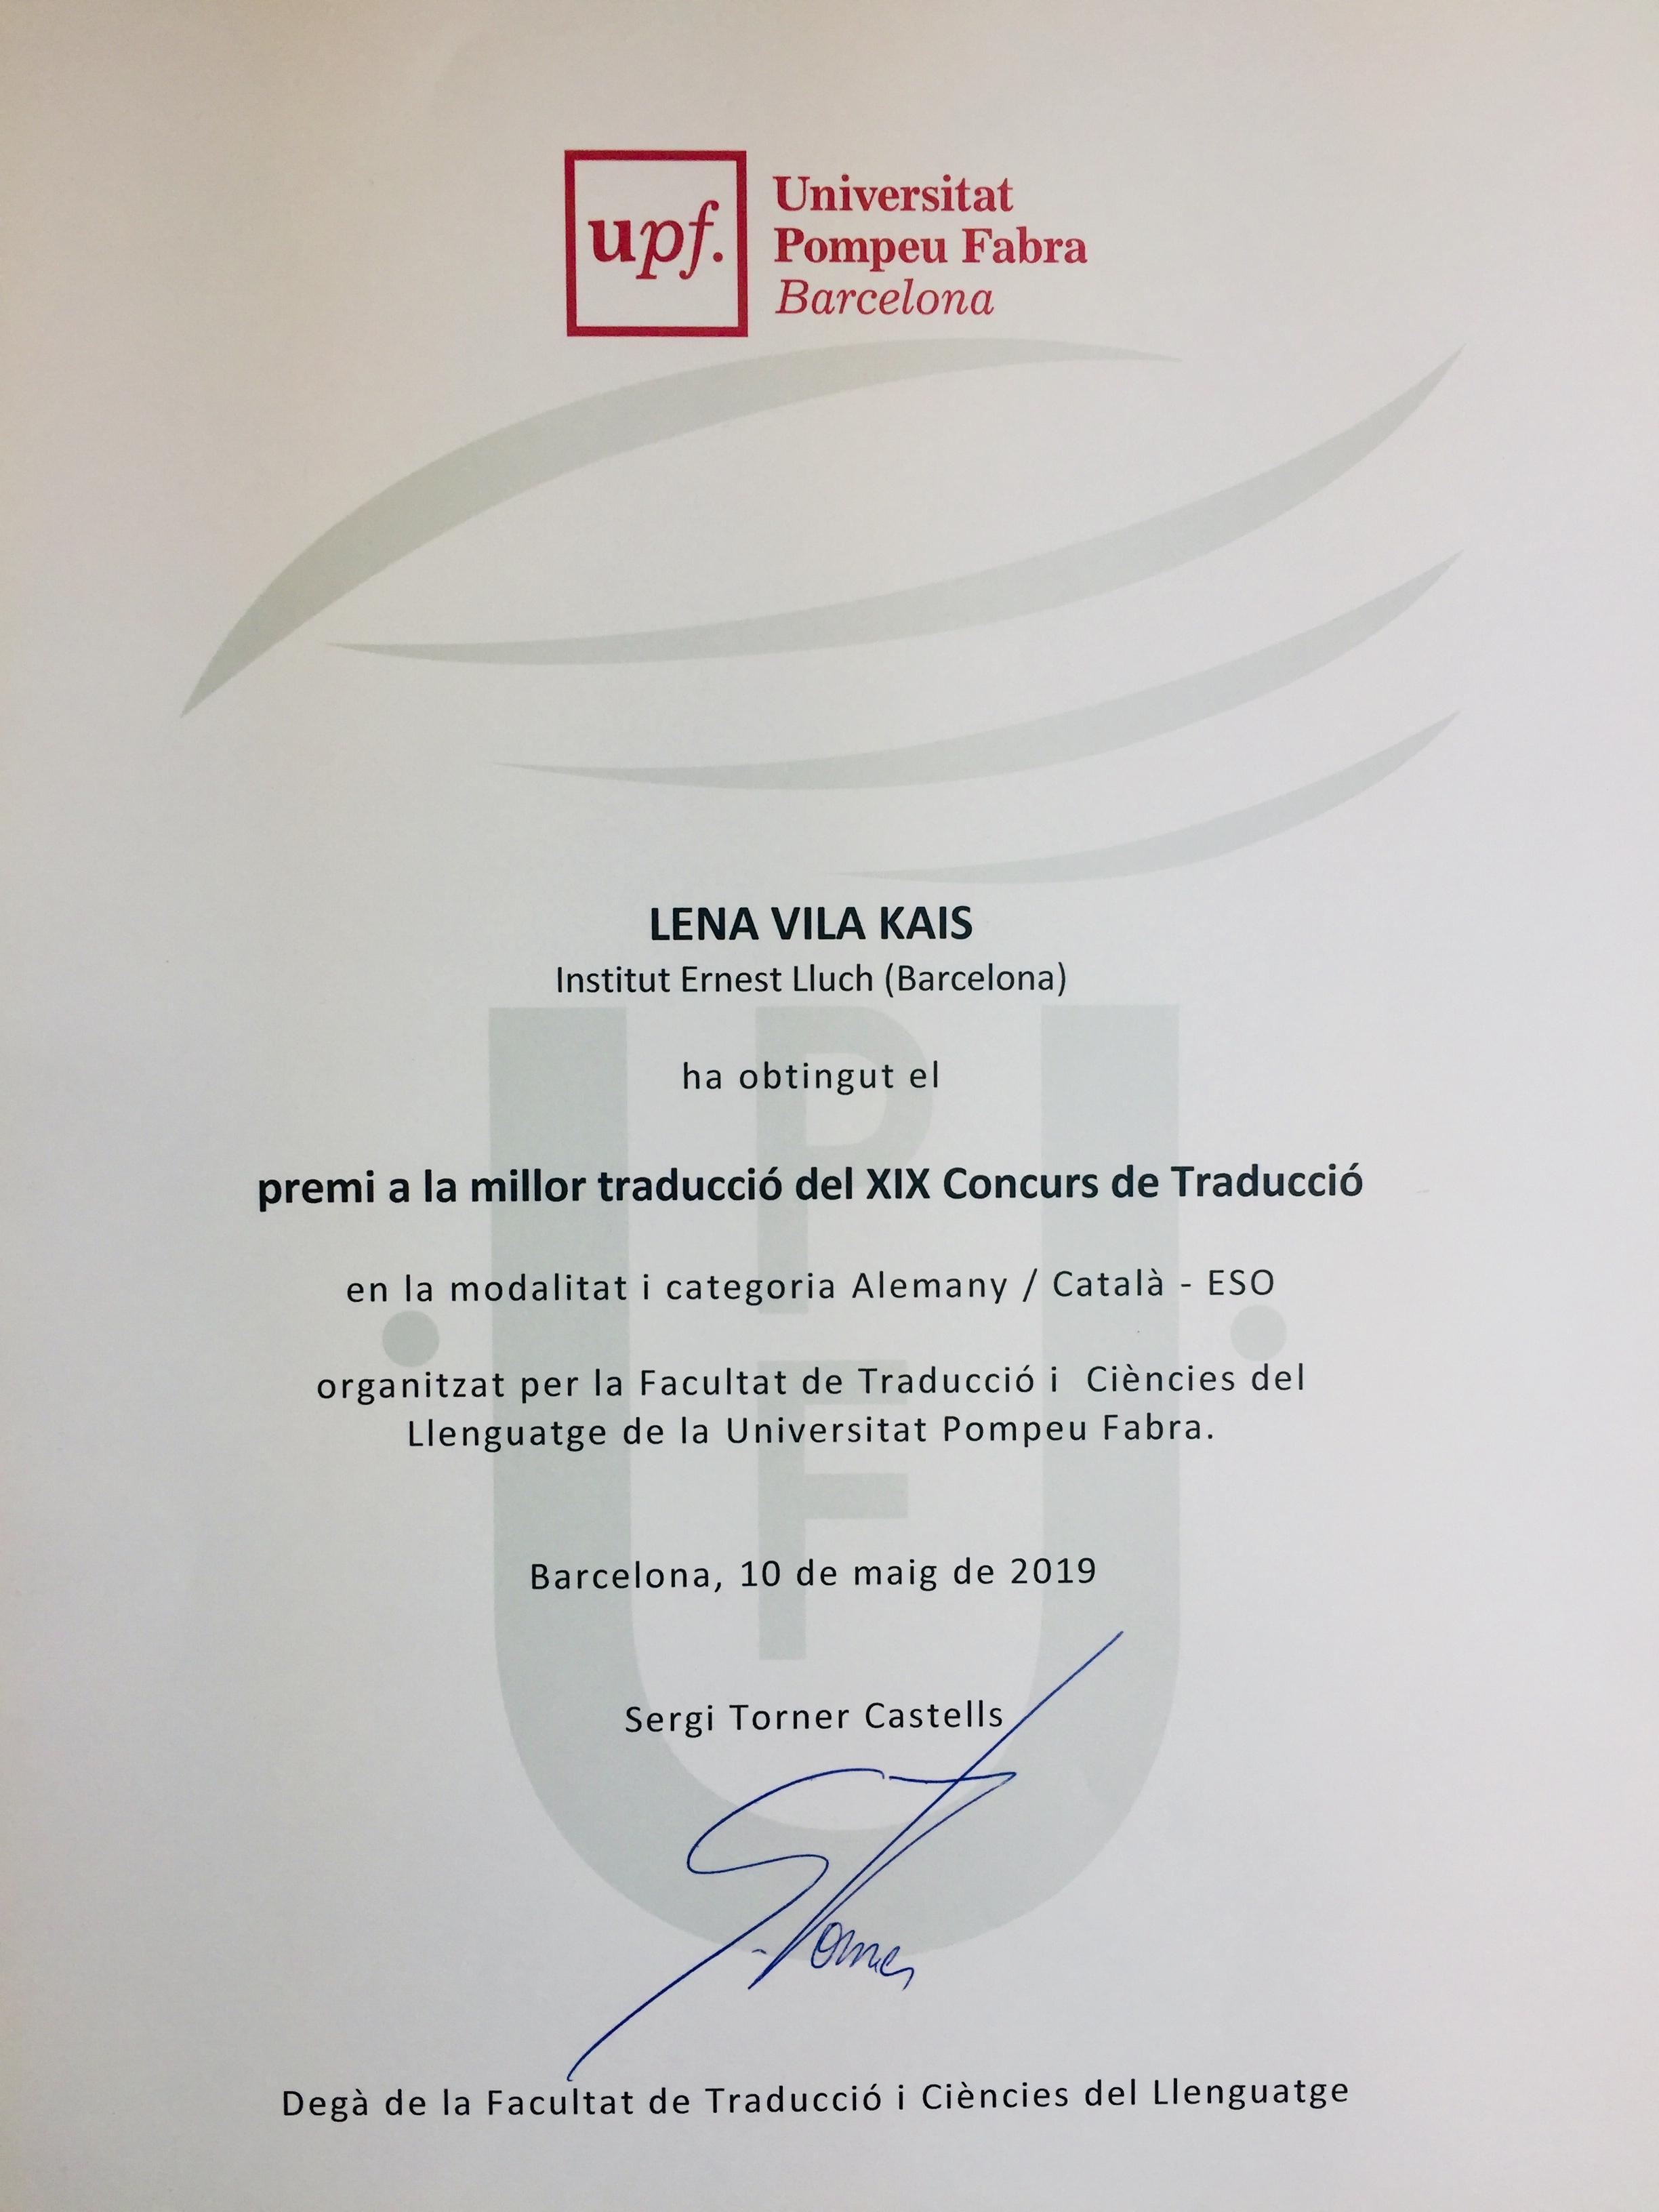 Diploma de l'alumna Lena Vila